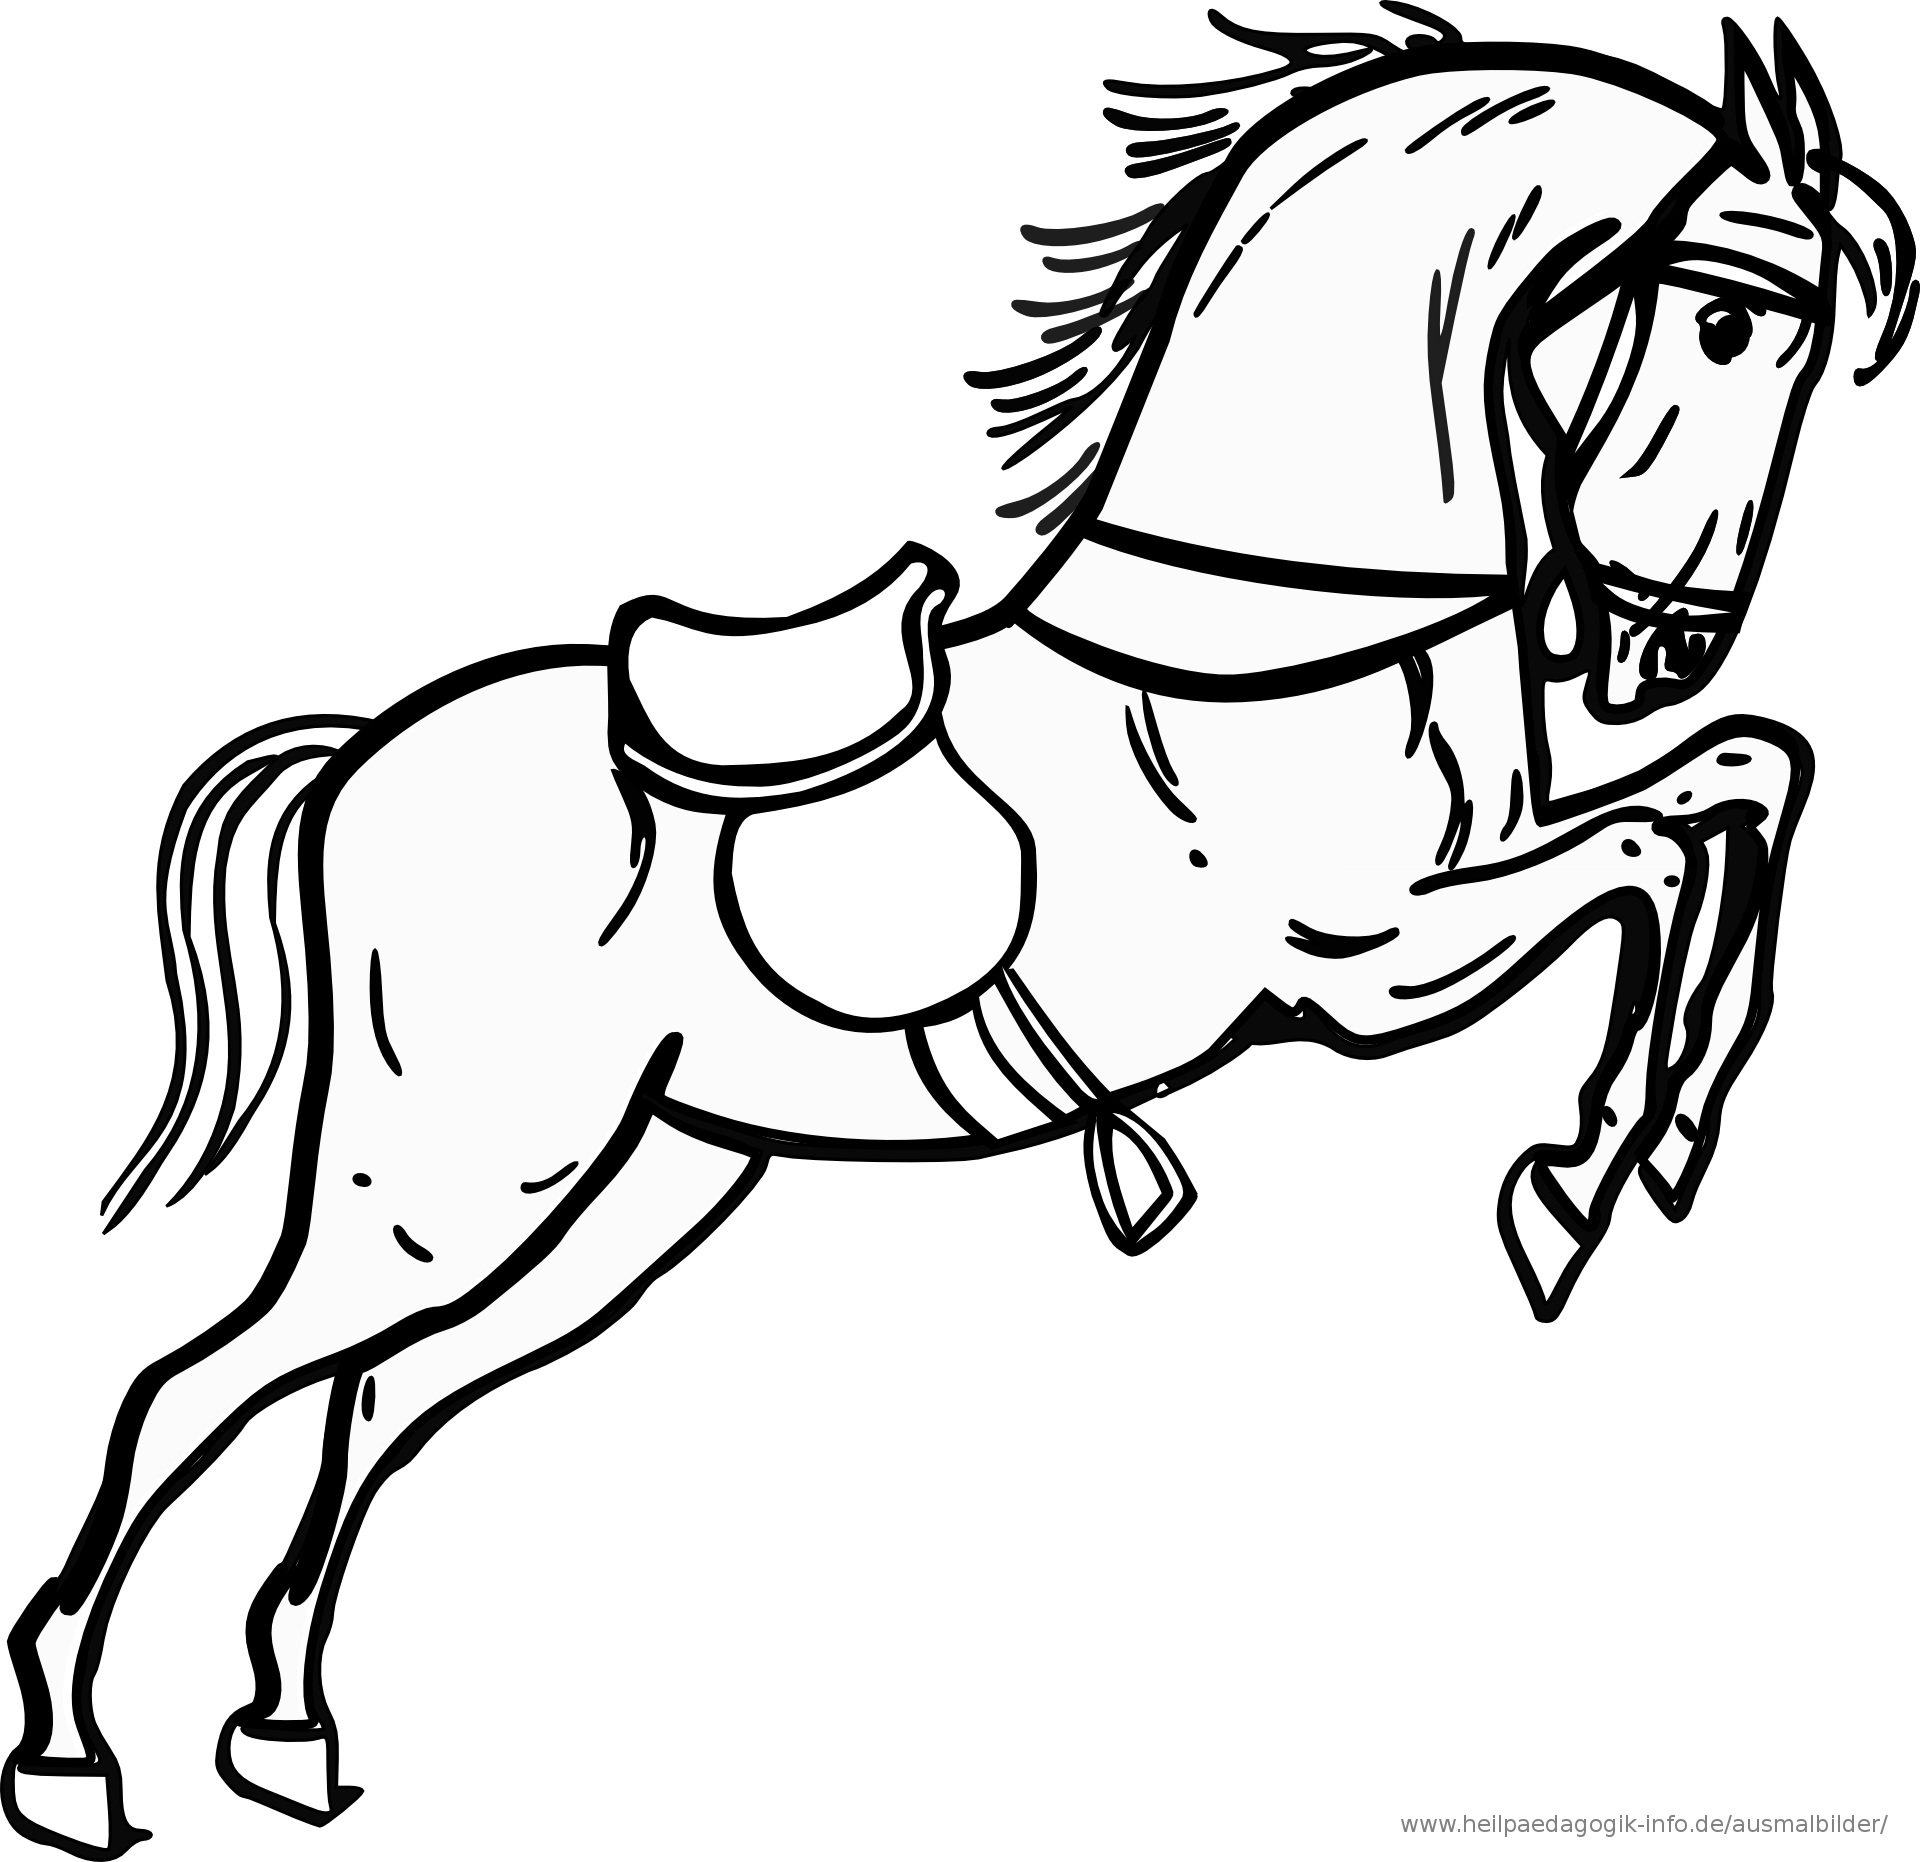 Ausmalbilder Zum Ausdrucken Bibi Und Tina : Ausmalbilder Pferde 02 Pferde Pinterest